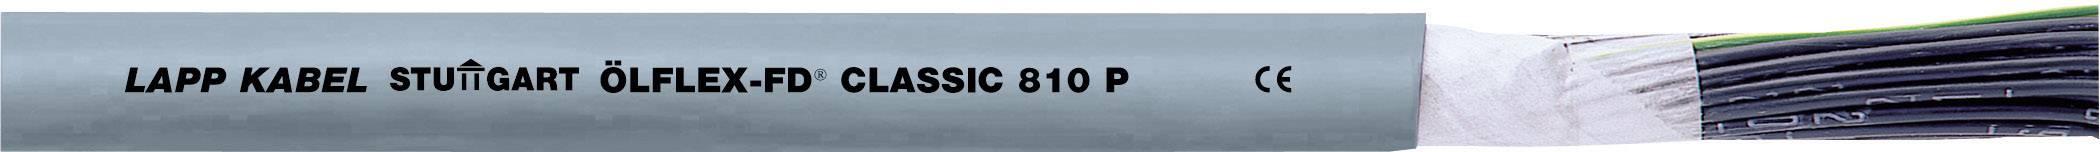 Tažný kabel LappKabel ÖLFLEX® FD CLASSIC 810 P (0026304), 7x 0,5 mm², 1 m, šedá